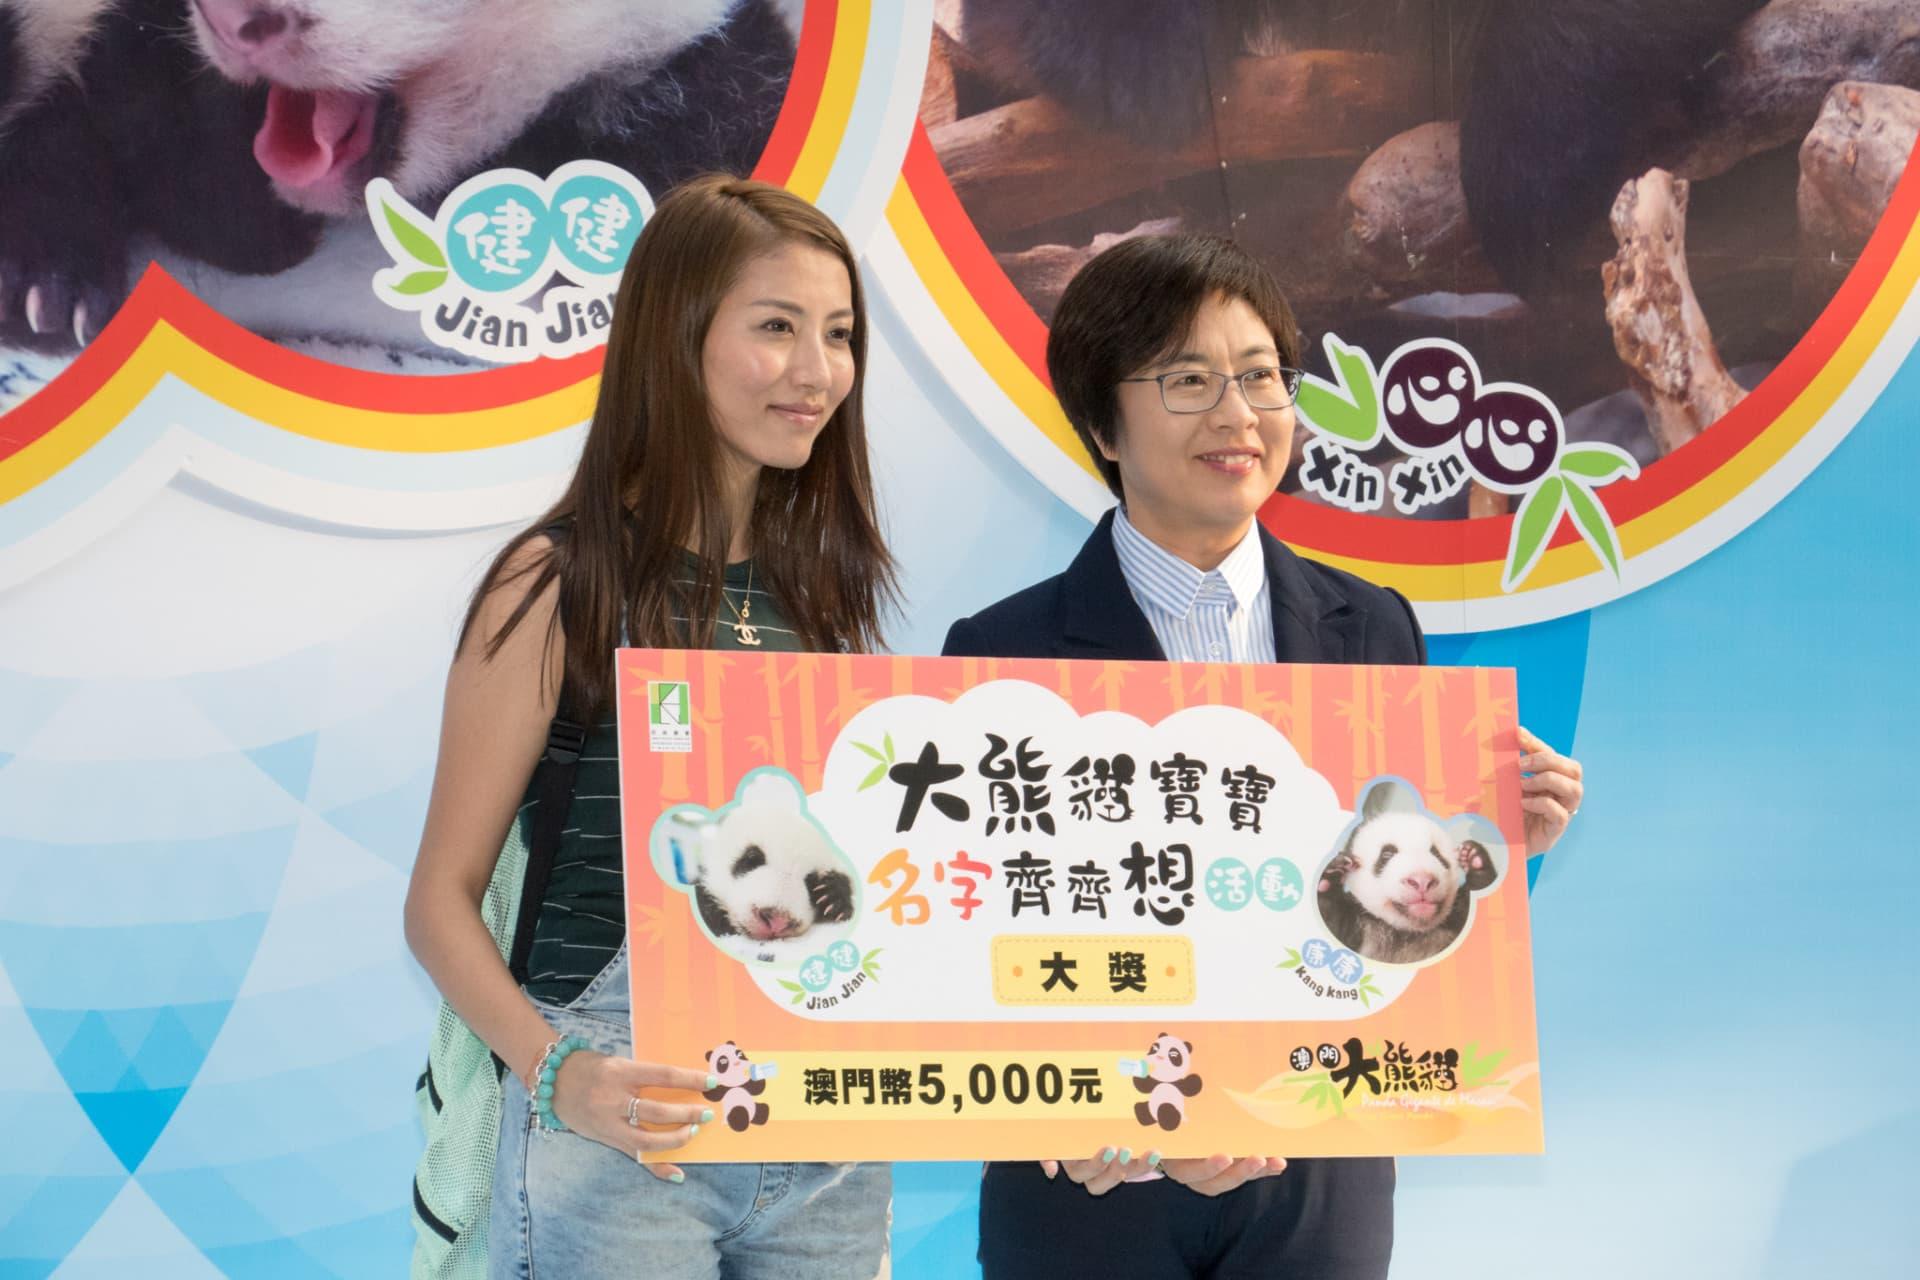 行政法務司司長陳海帆向「大熊貓寶寶名字齊齊想」得獎者頒獎